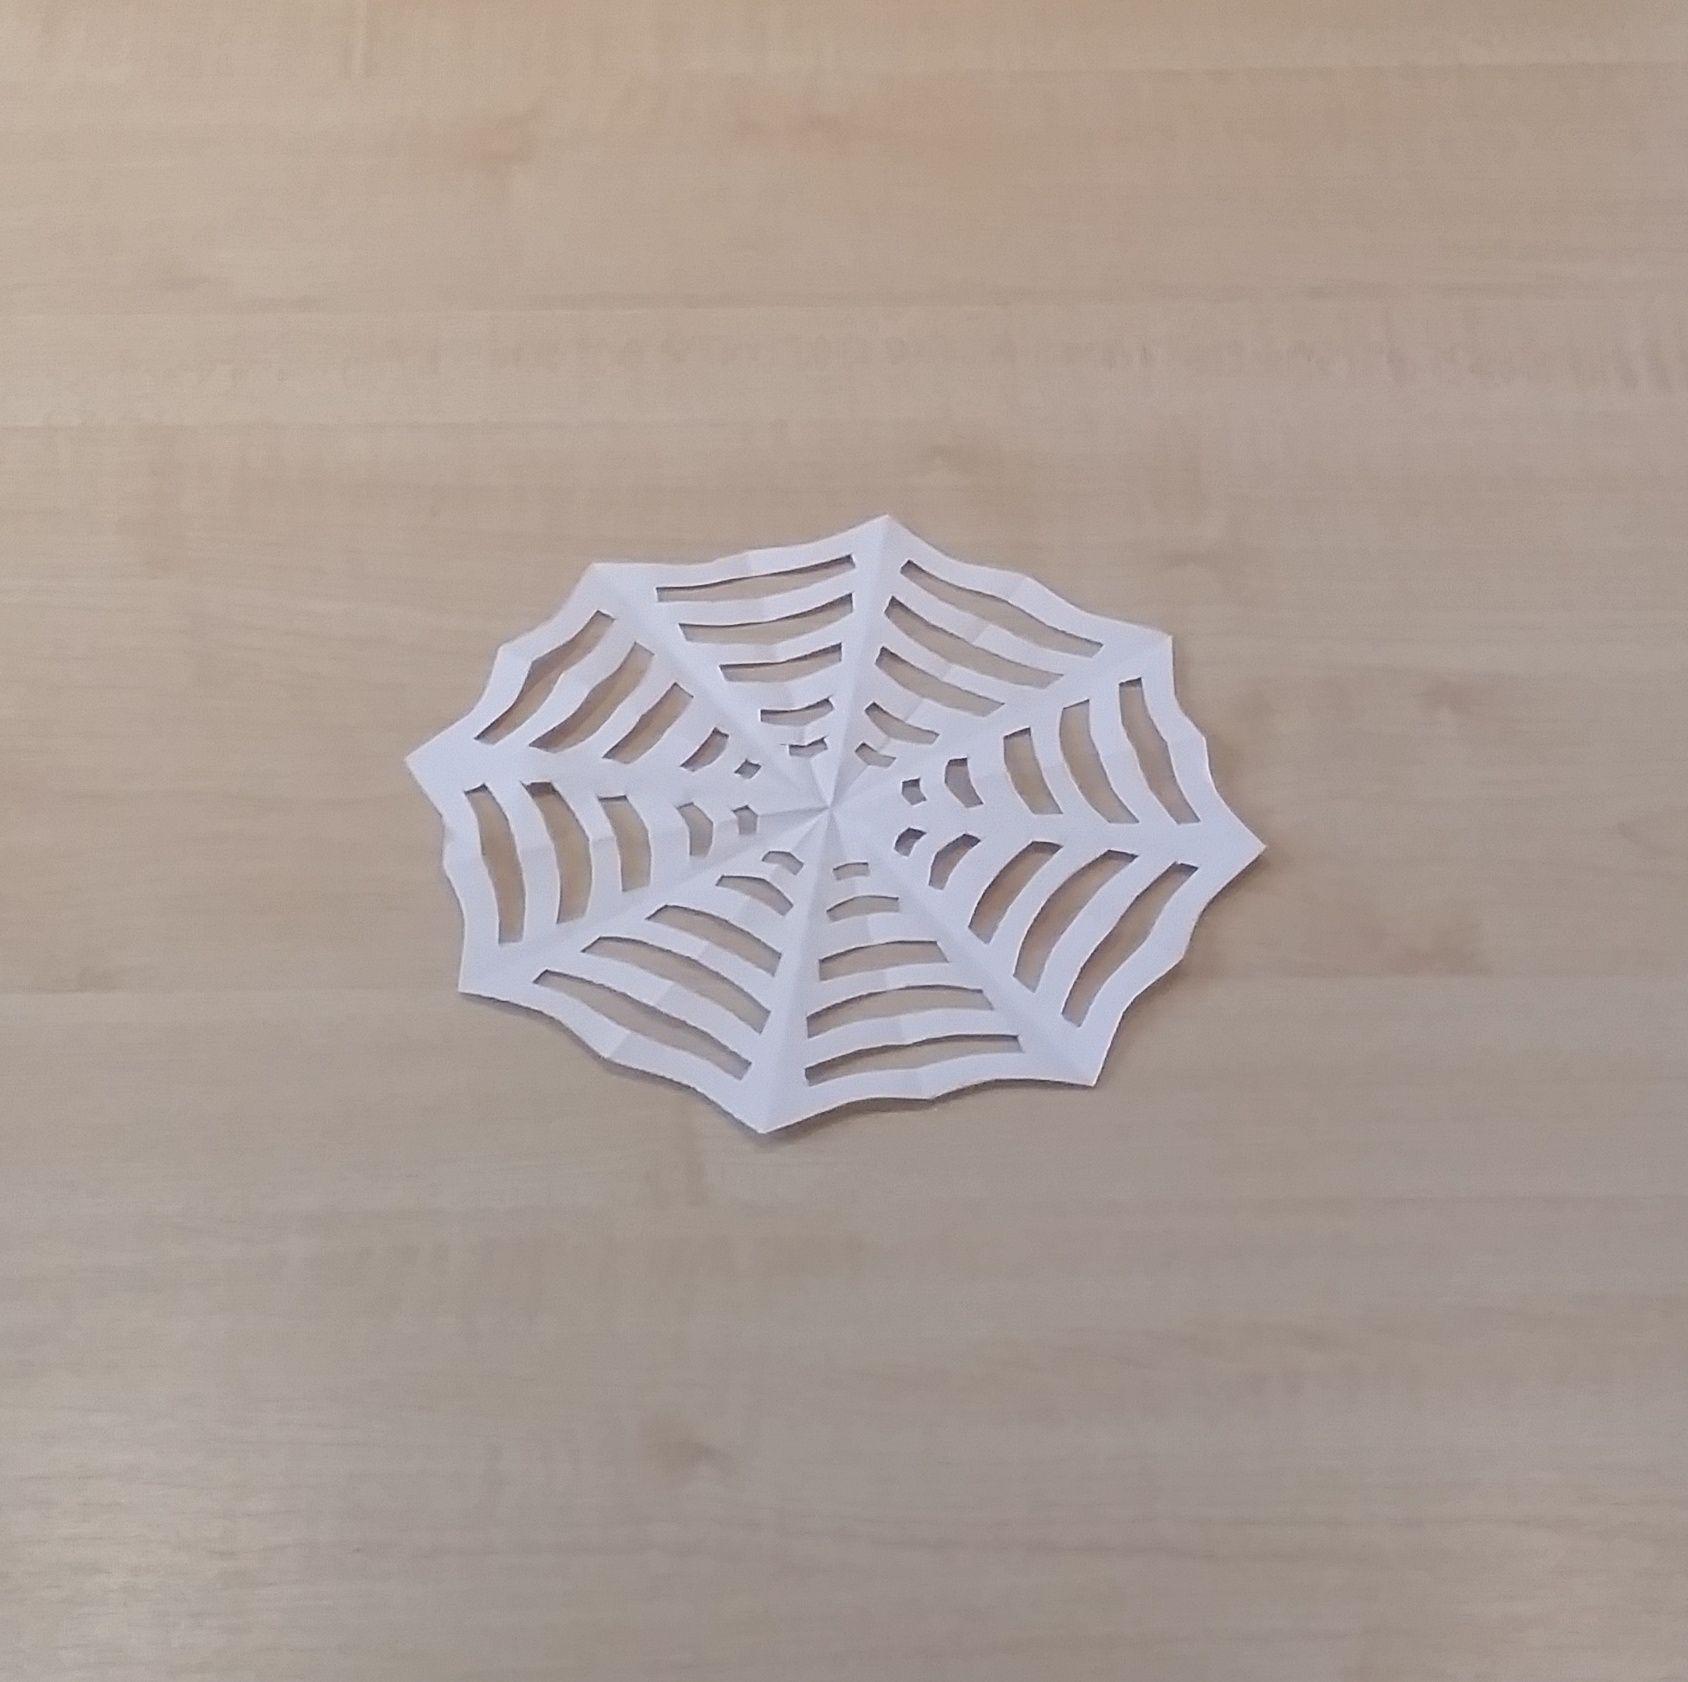 Spinnennetz aus Papier – Halloween Deko • Kreativ Blog - DIY & Gadgets